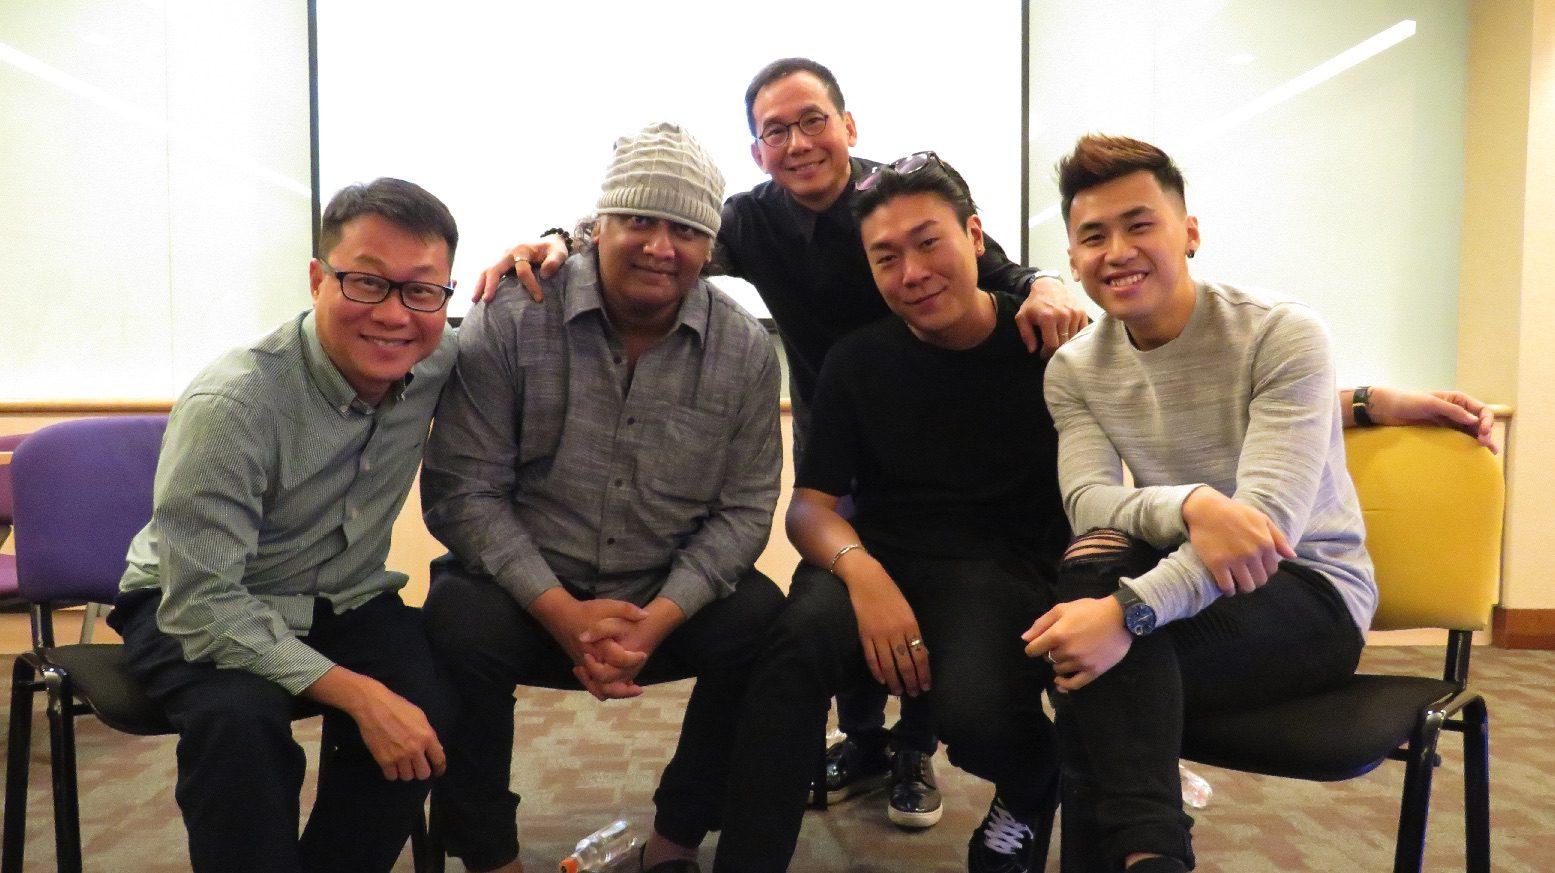 Kelvin Tong, K. Rajagopal, Daniel Yun, Sean Ng, Chong Yu Lun.